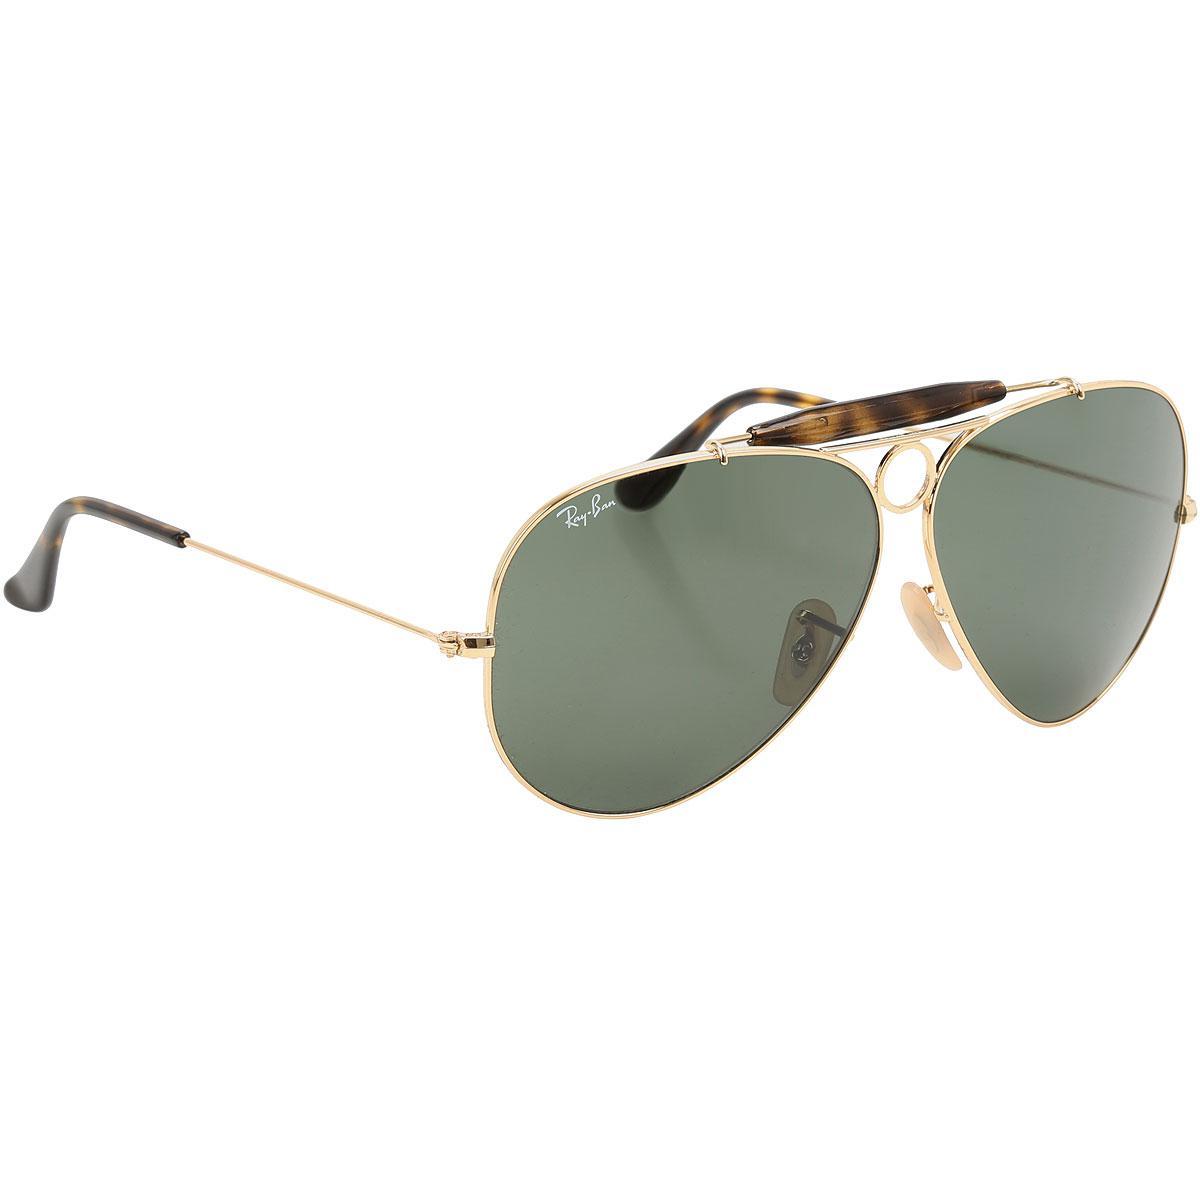 Lyst - Gafas y Lentes de Sol Baratos en Rebajas Ray-Ban bc50f14b7c14